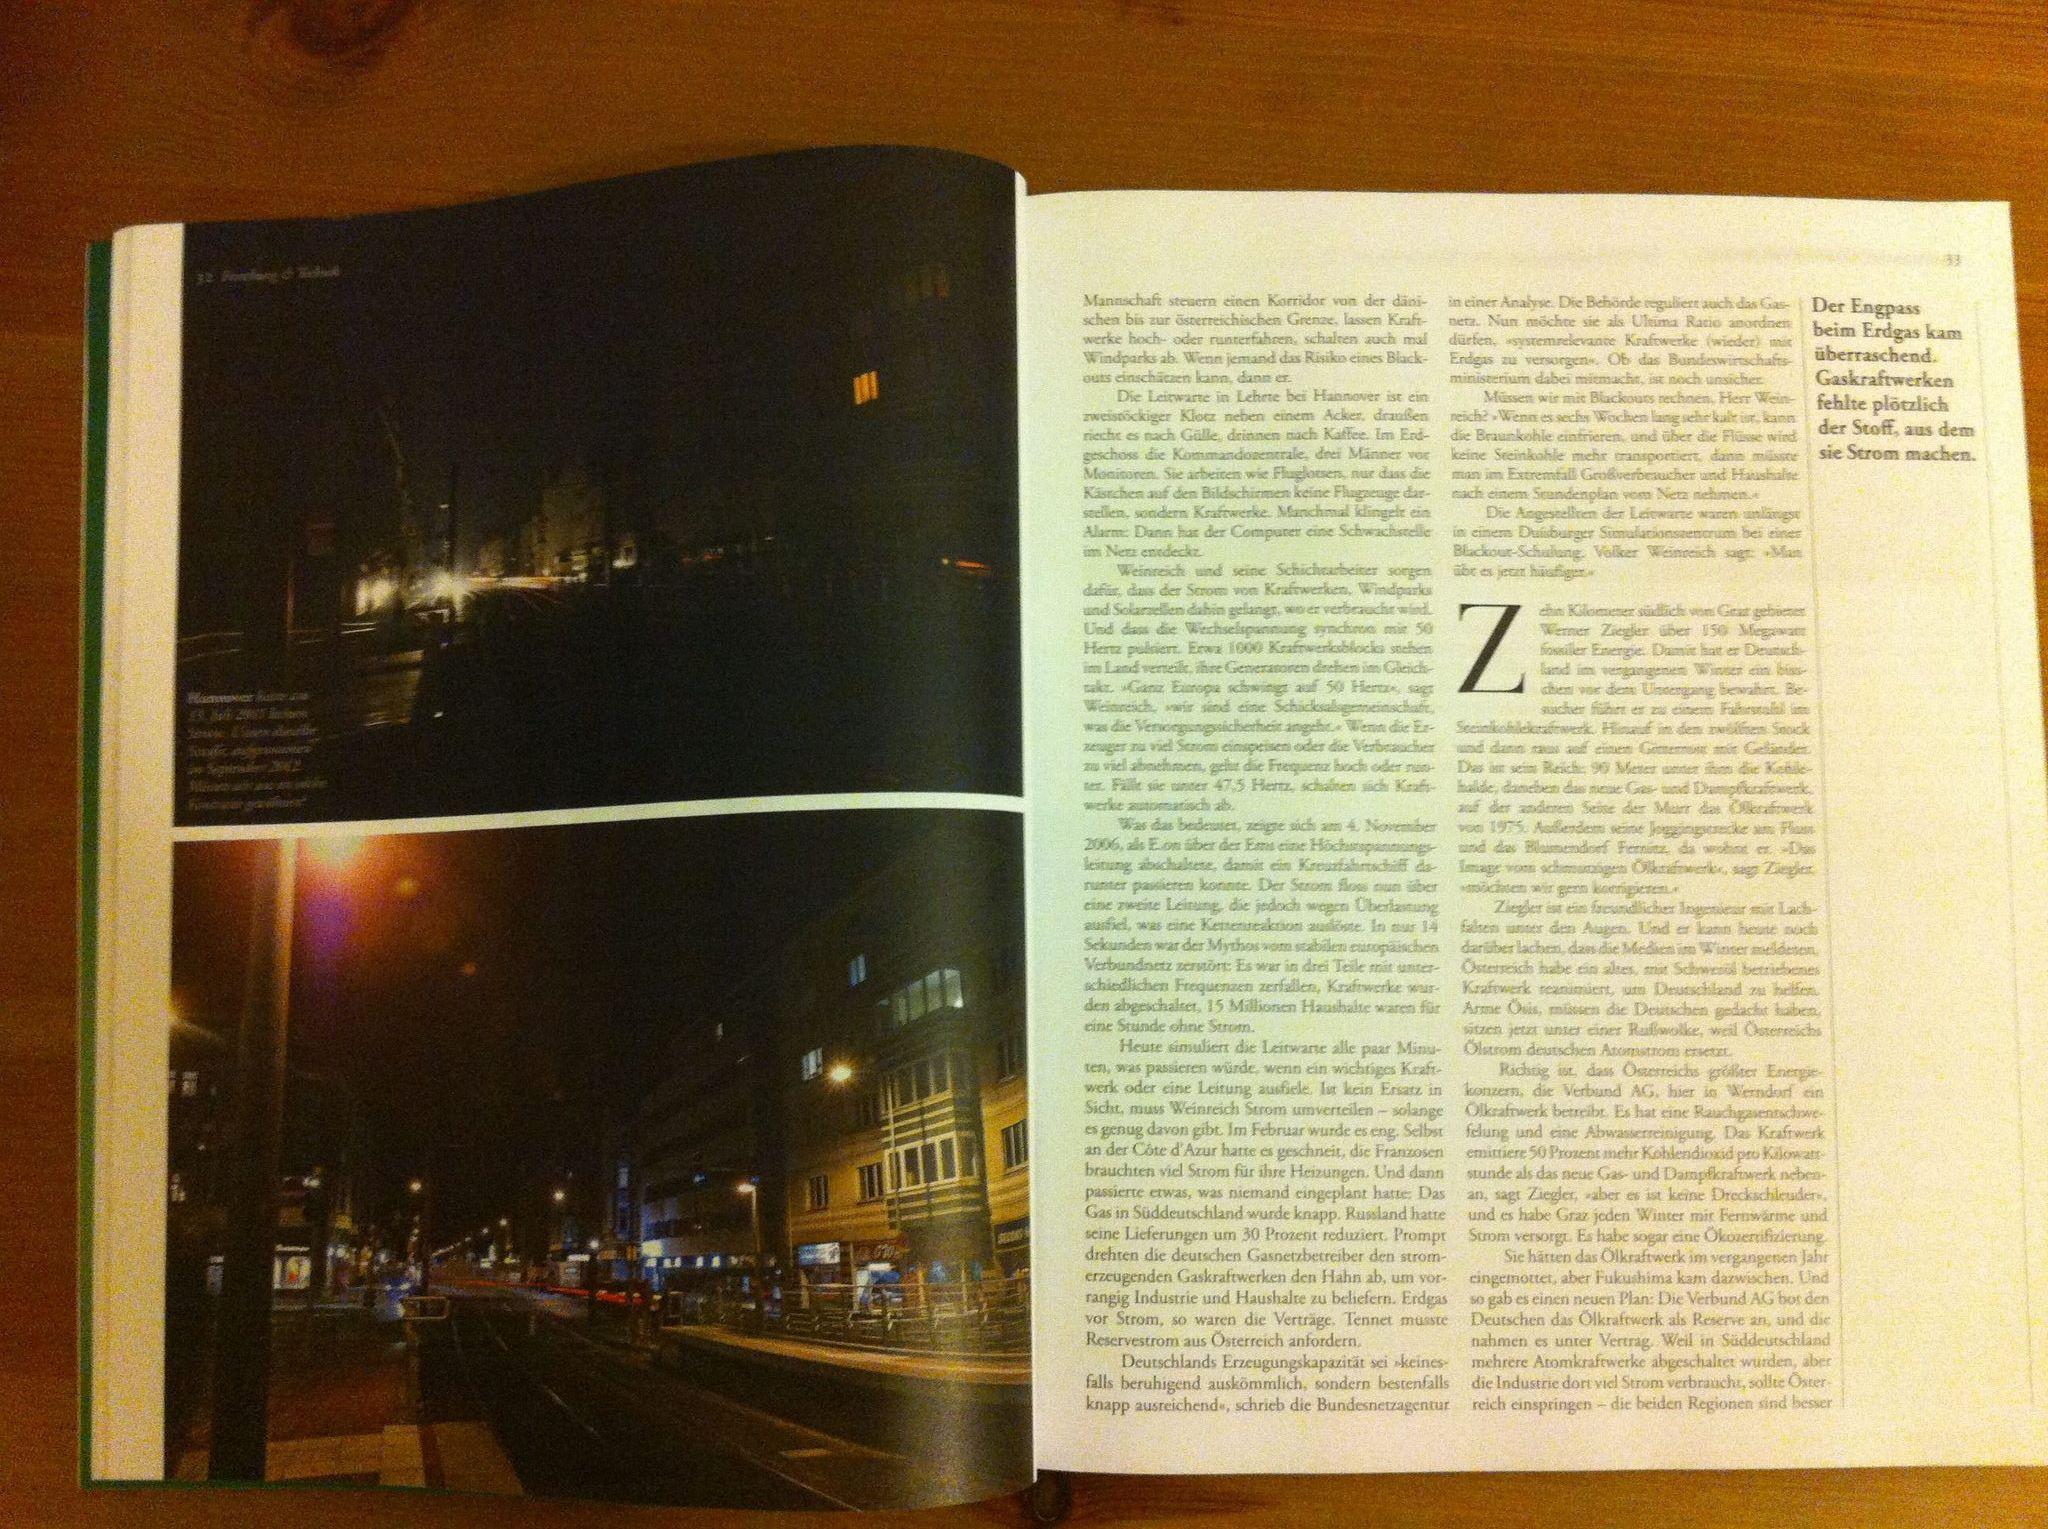 Fotoveröffentlichung von Stefan Simonsen im Zeit-Magazin zum Stromausfall in Hannover im Sommer 2011